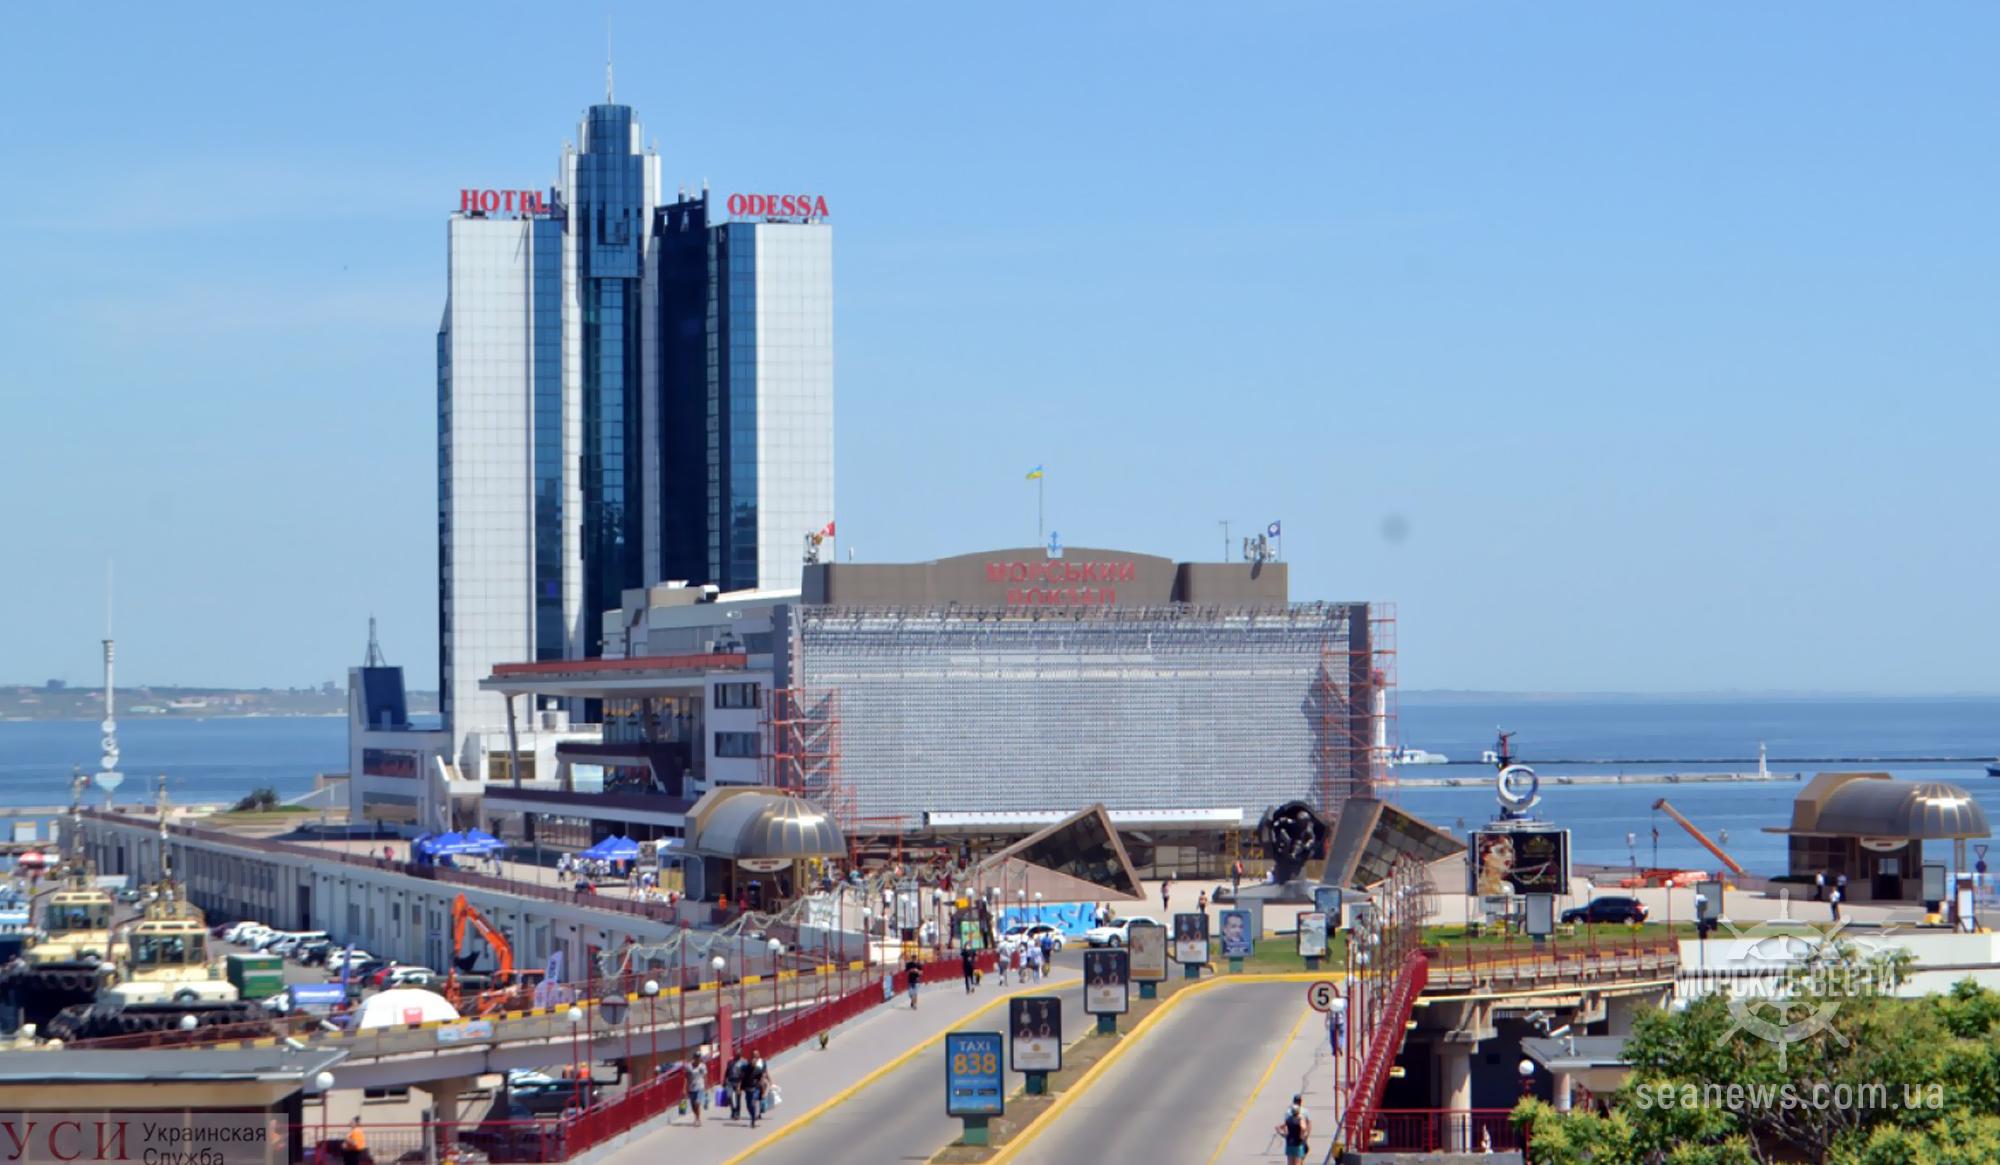 Одесскому порту отводят землю под морвокзалом, чтобы тот мог передать его частникам